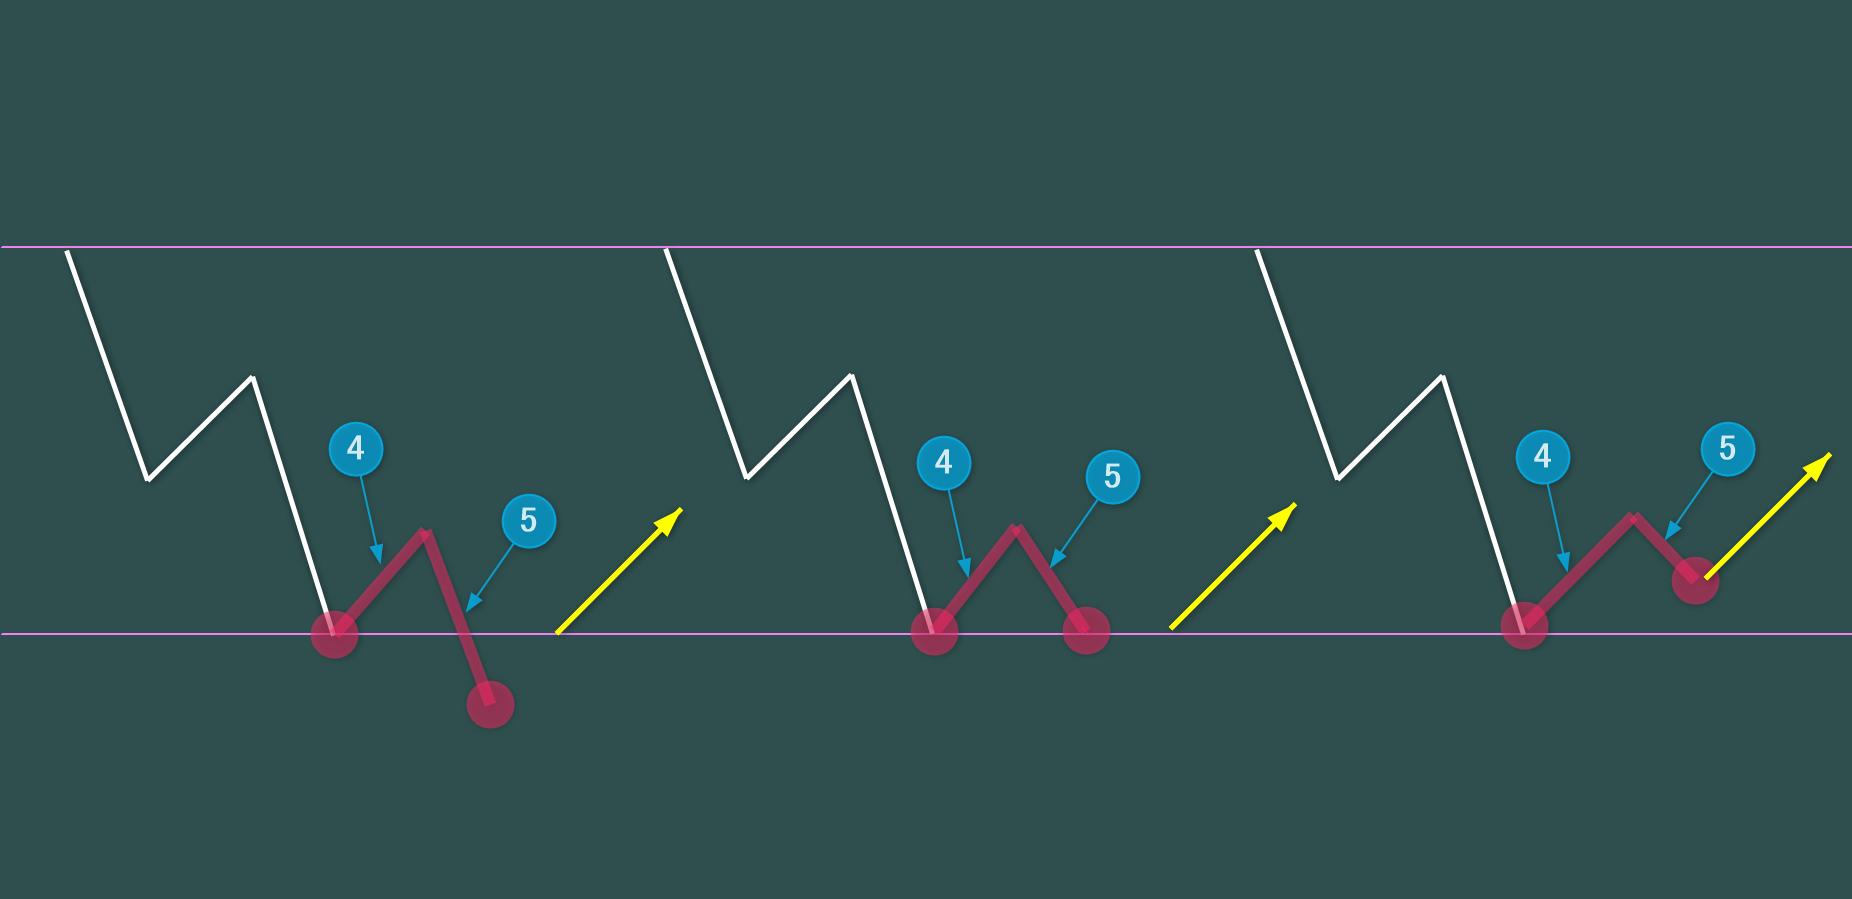 第4波・第5波の3つのパターン